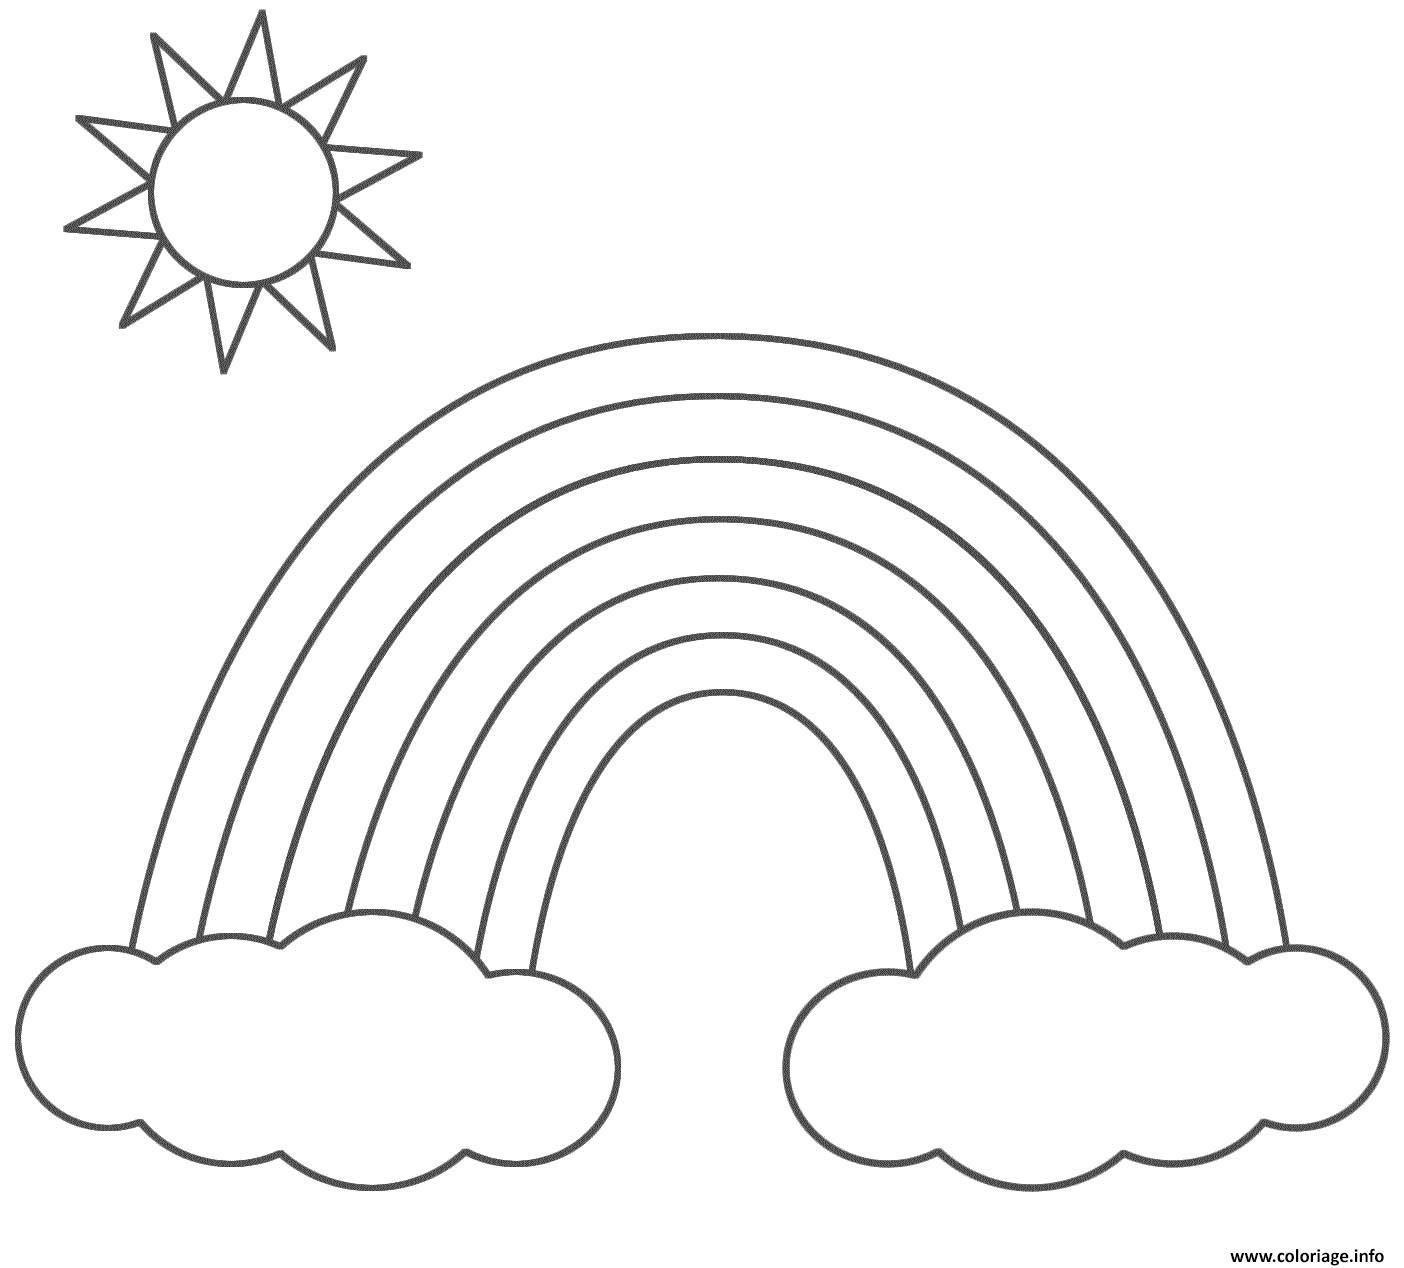 Coloriage Arc En Ciel Nuage Et Soleil Dessin à Arc En Ciel Coloriage